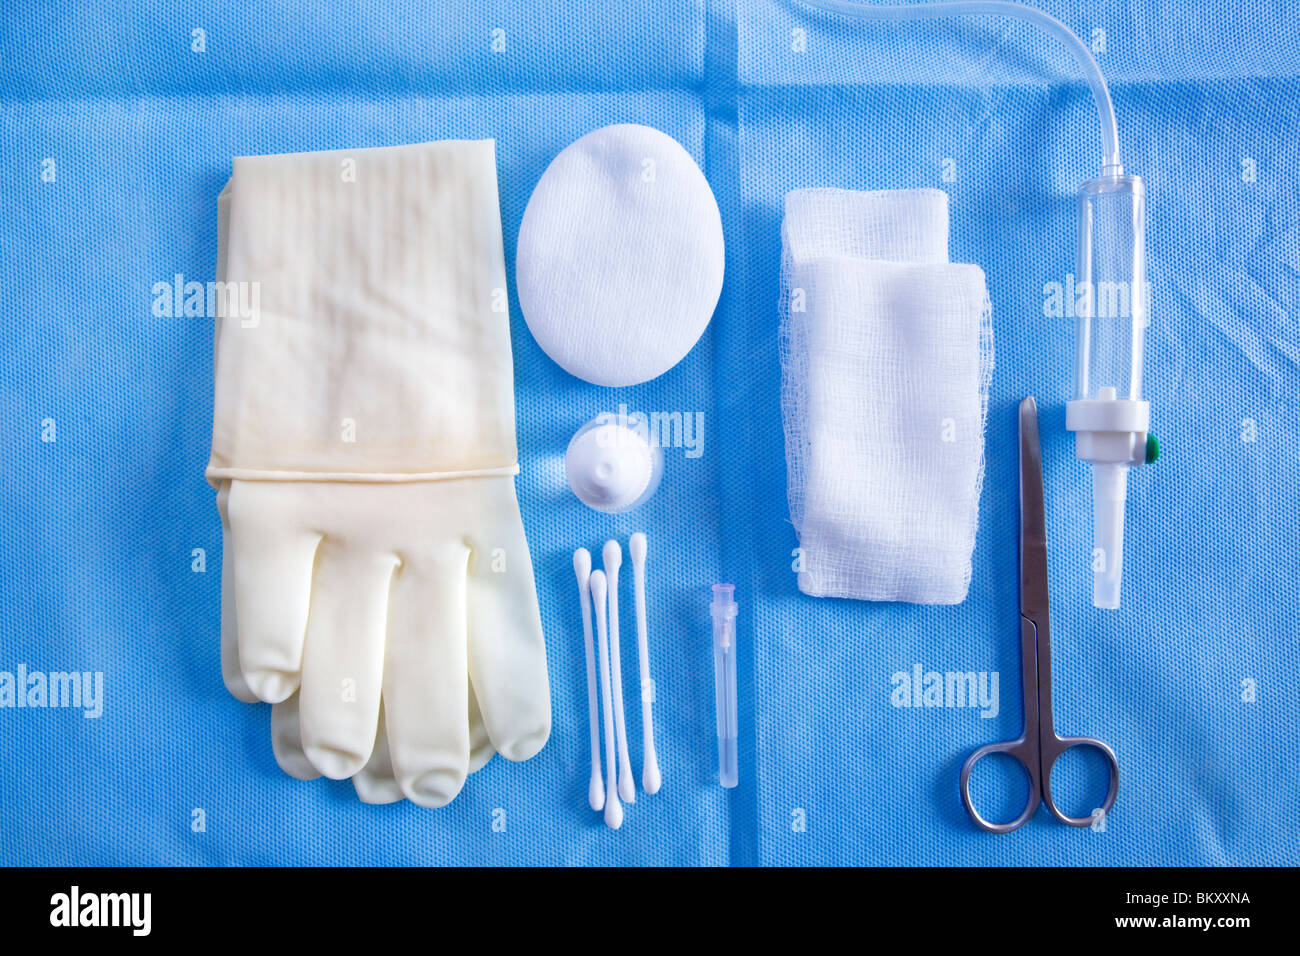 Implementos médicos utilizados para una operación de cataratas Imagen De Stock